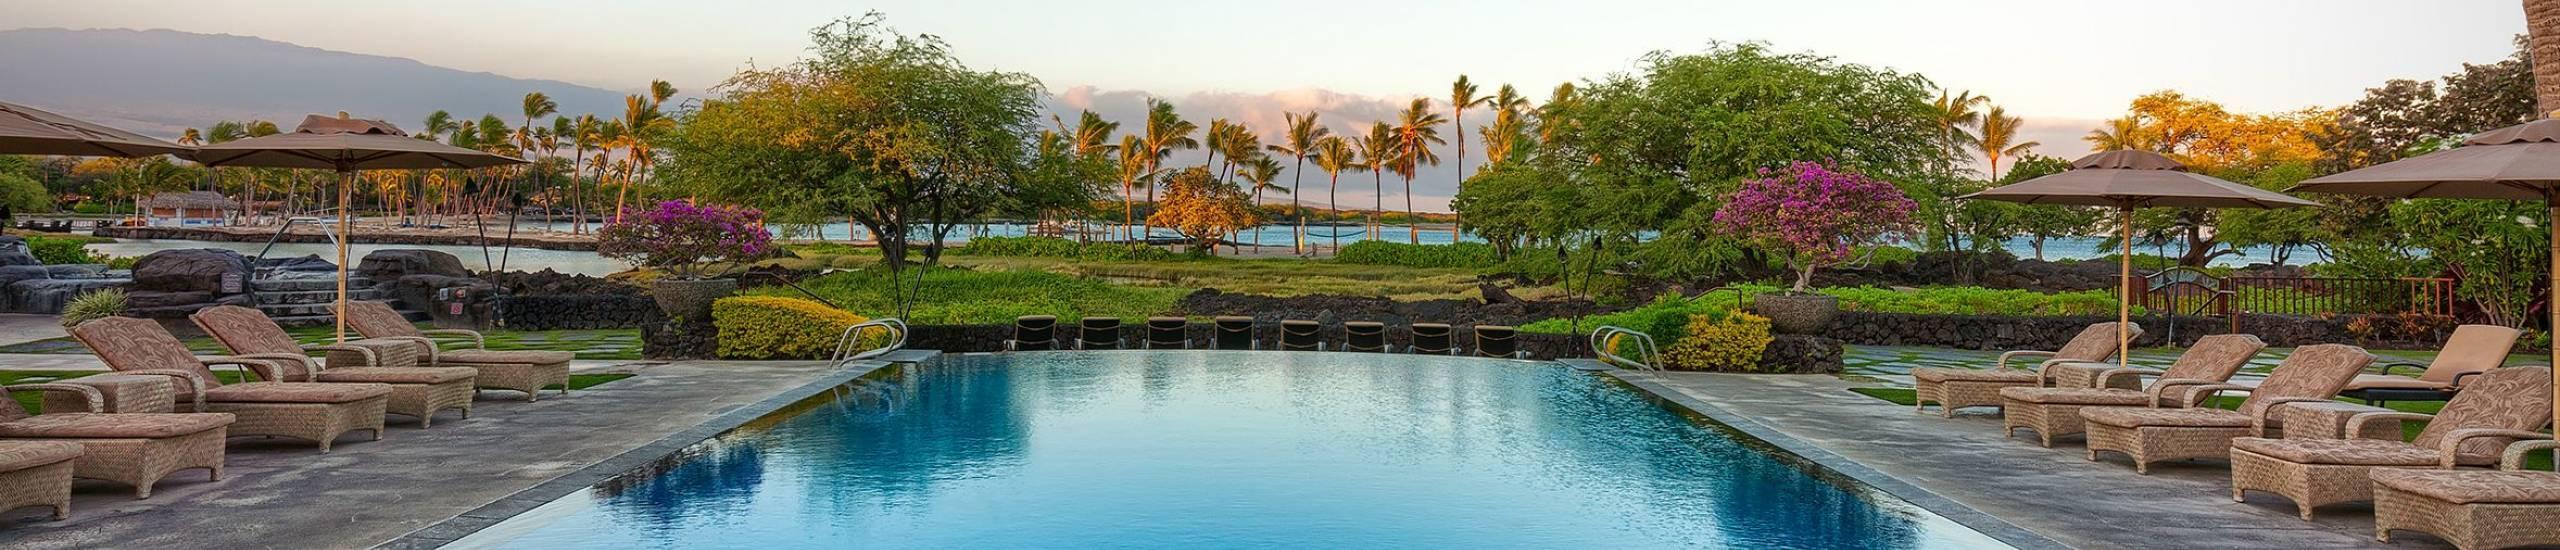 Kolea at Waikoloa Amenity Center Pool